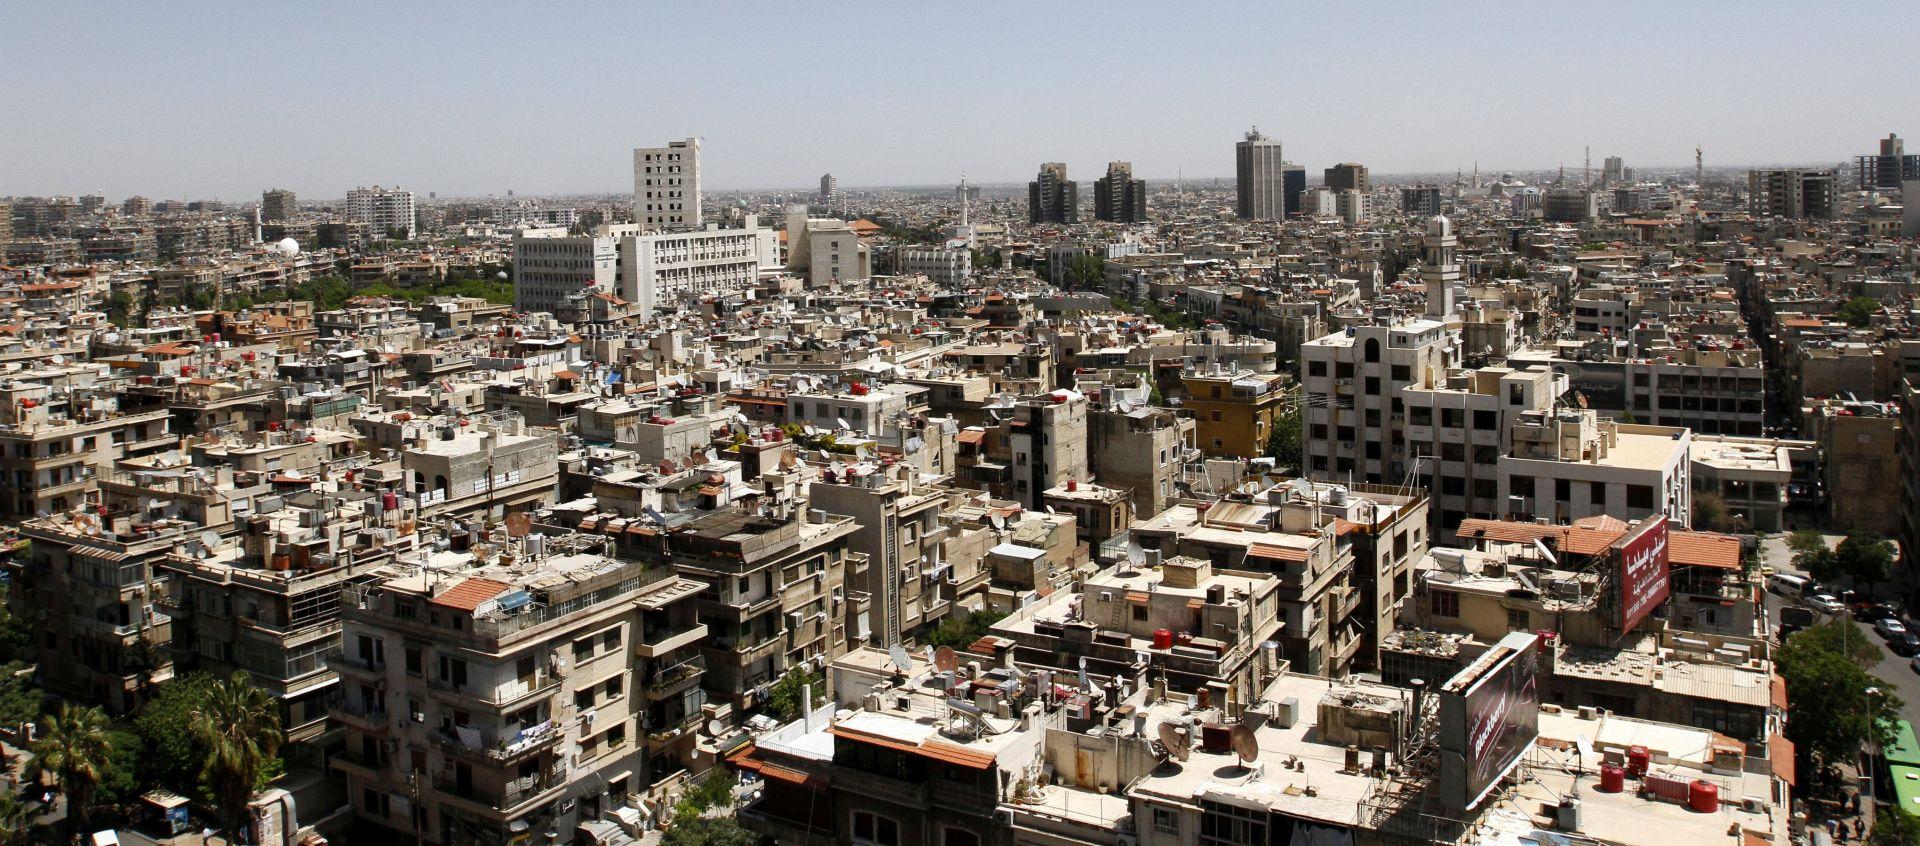 Slobodna sirijska vojska: Poziv Asadu da za 48 sati prekine ofenzivu